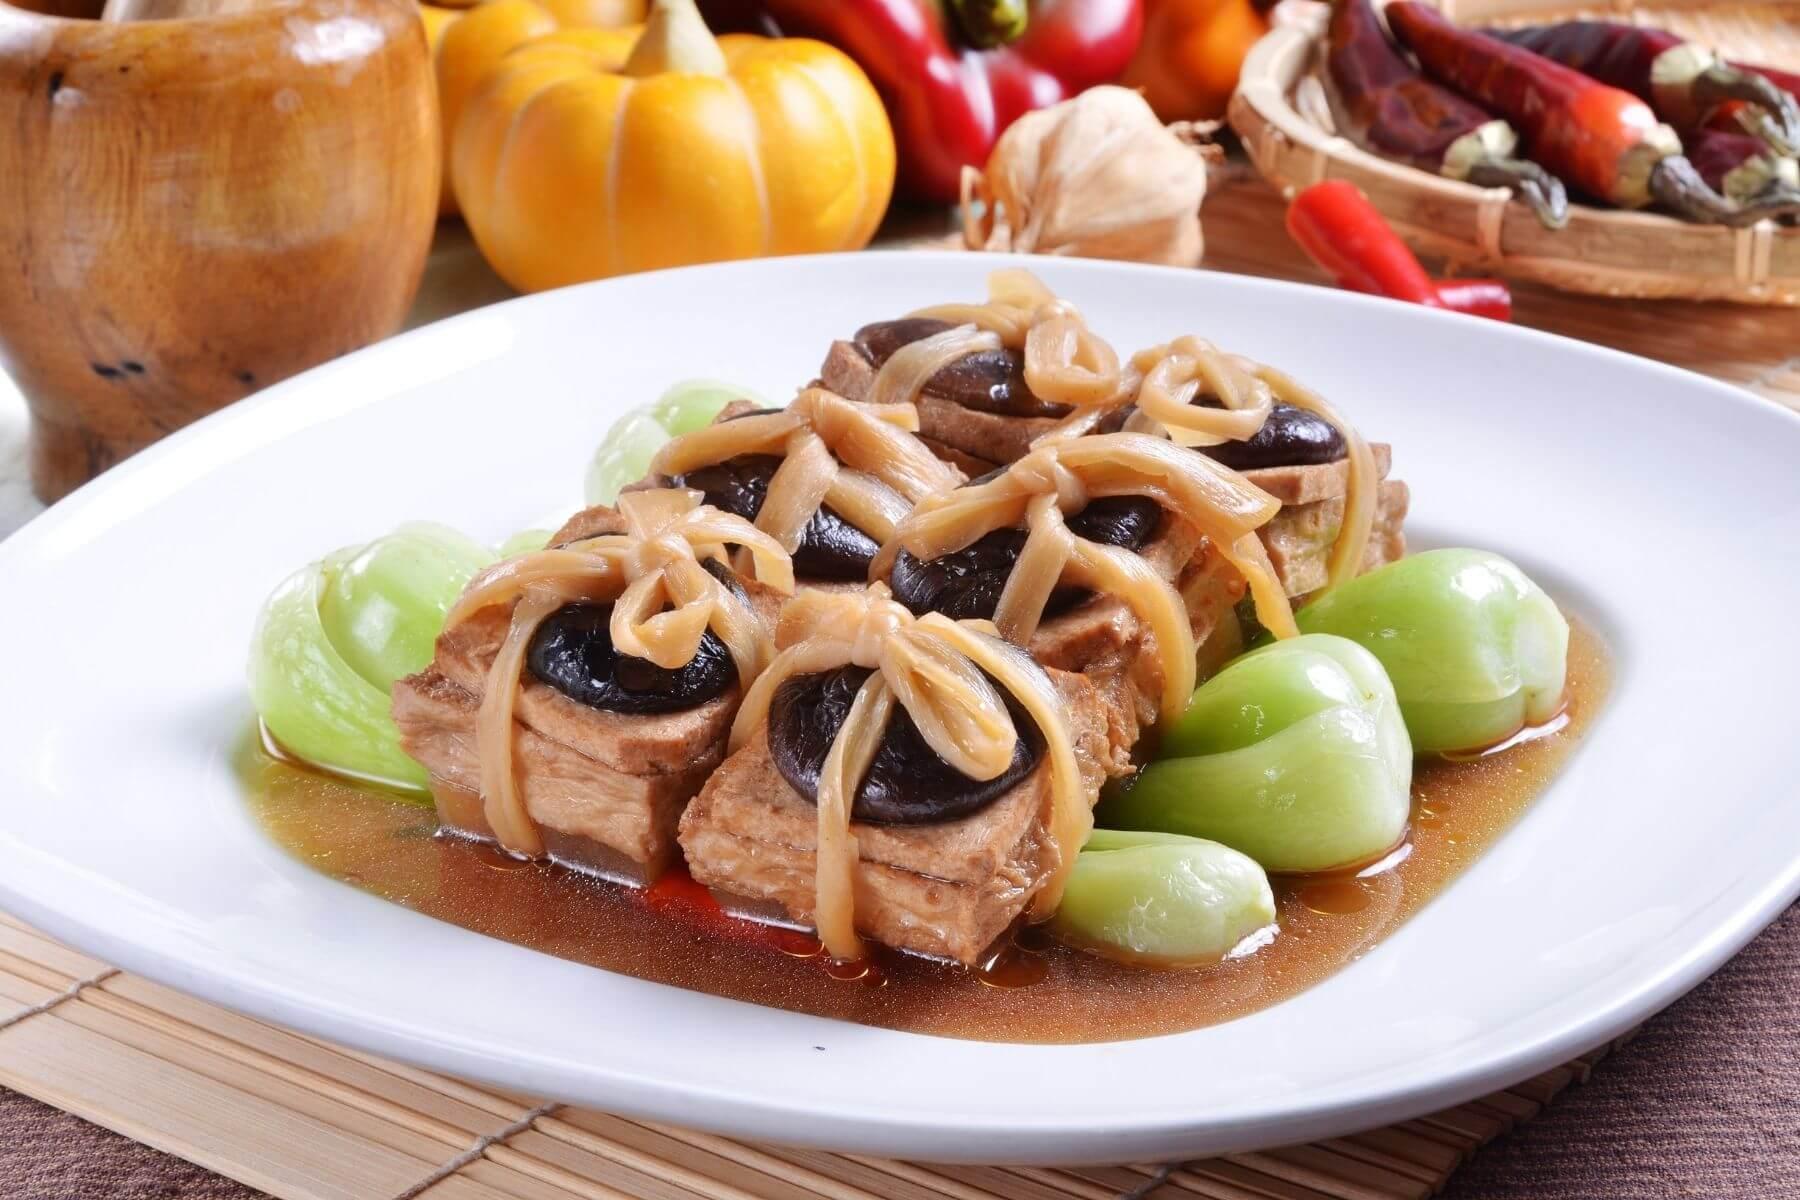 ข้อควรปฏิบัติในวันตรุษจีน และ ข้อห้ามในวันตรุษจีน 2564 กินเจมื้อเช้า